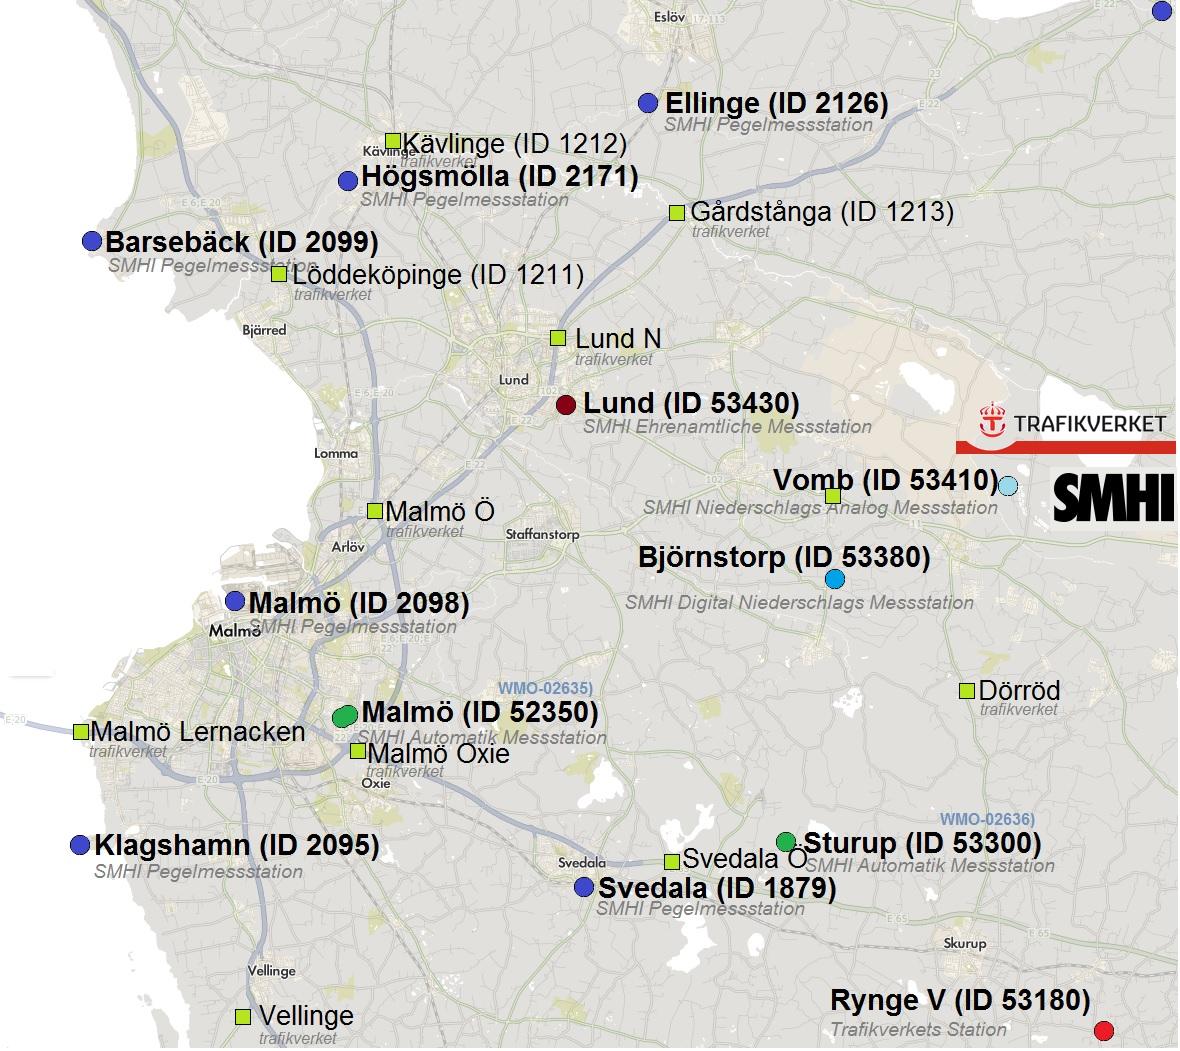 http://www.wetterdiagramme.de/wetterstationen/WMO-SE/SMHI_Netz_ZOOM.jpg